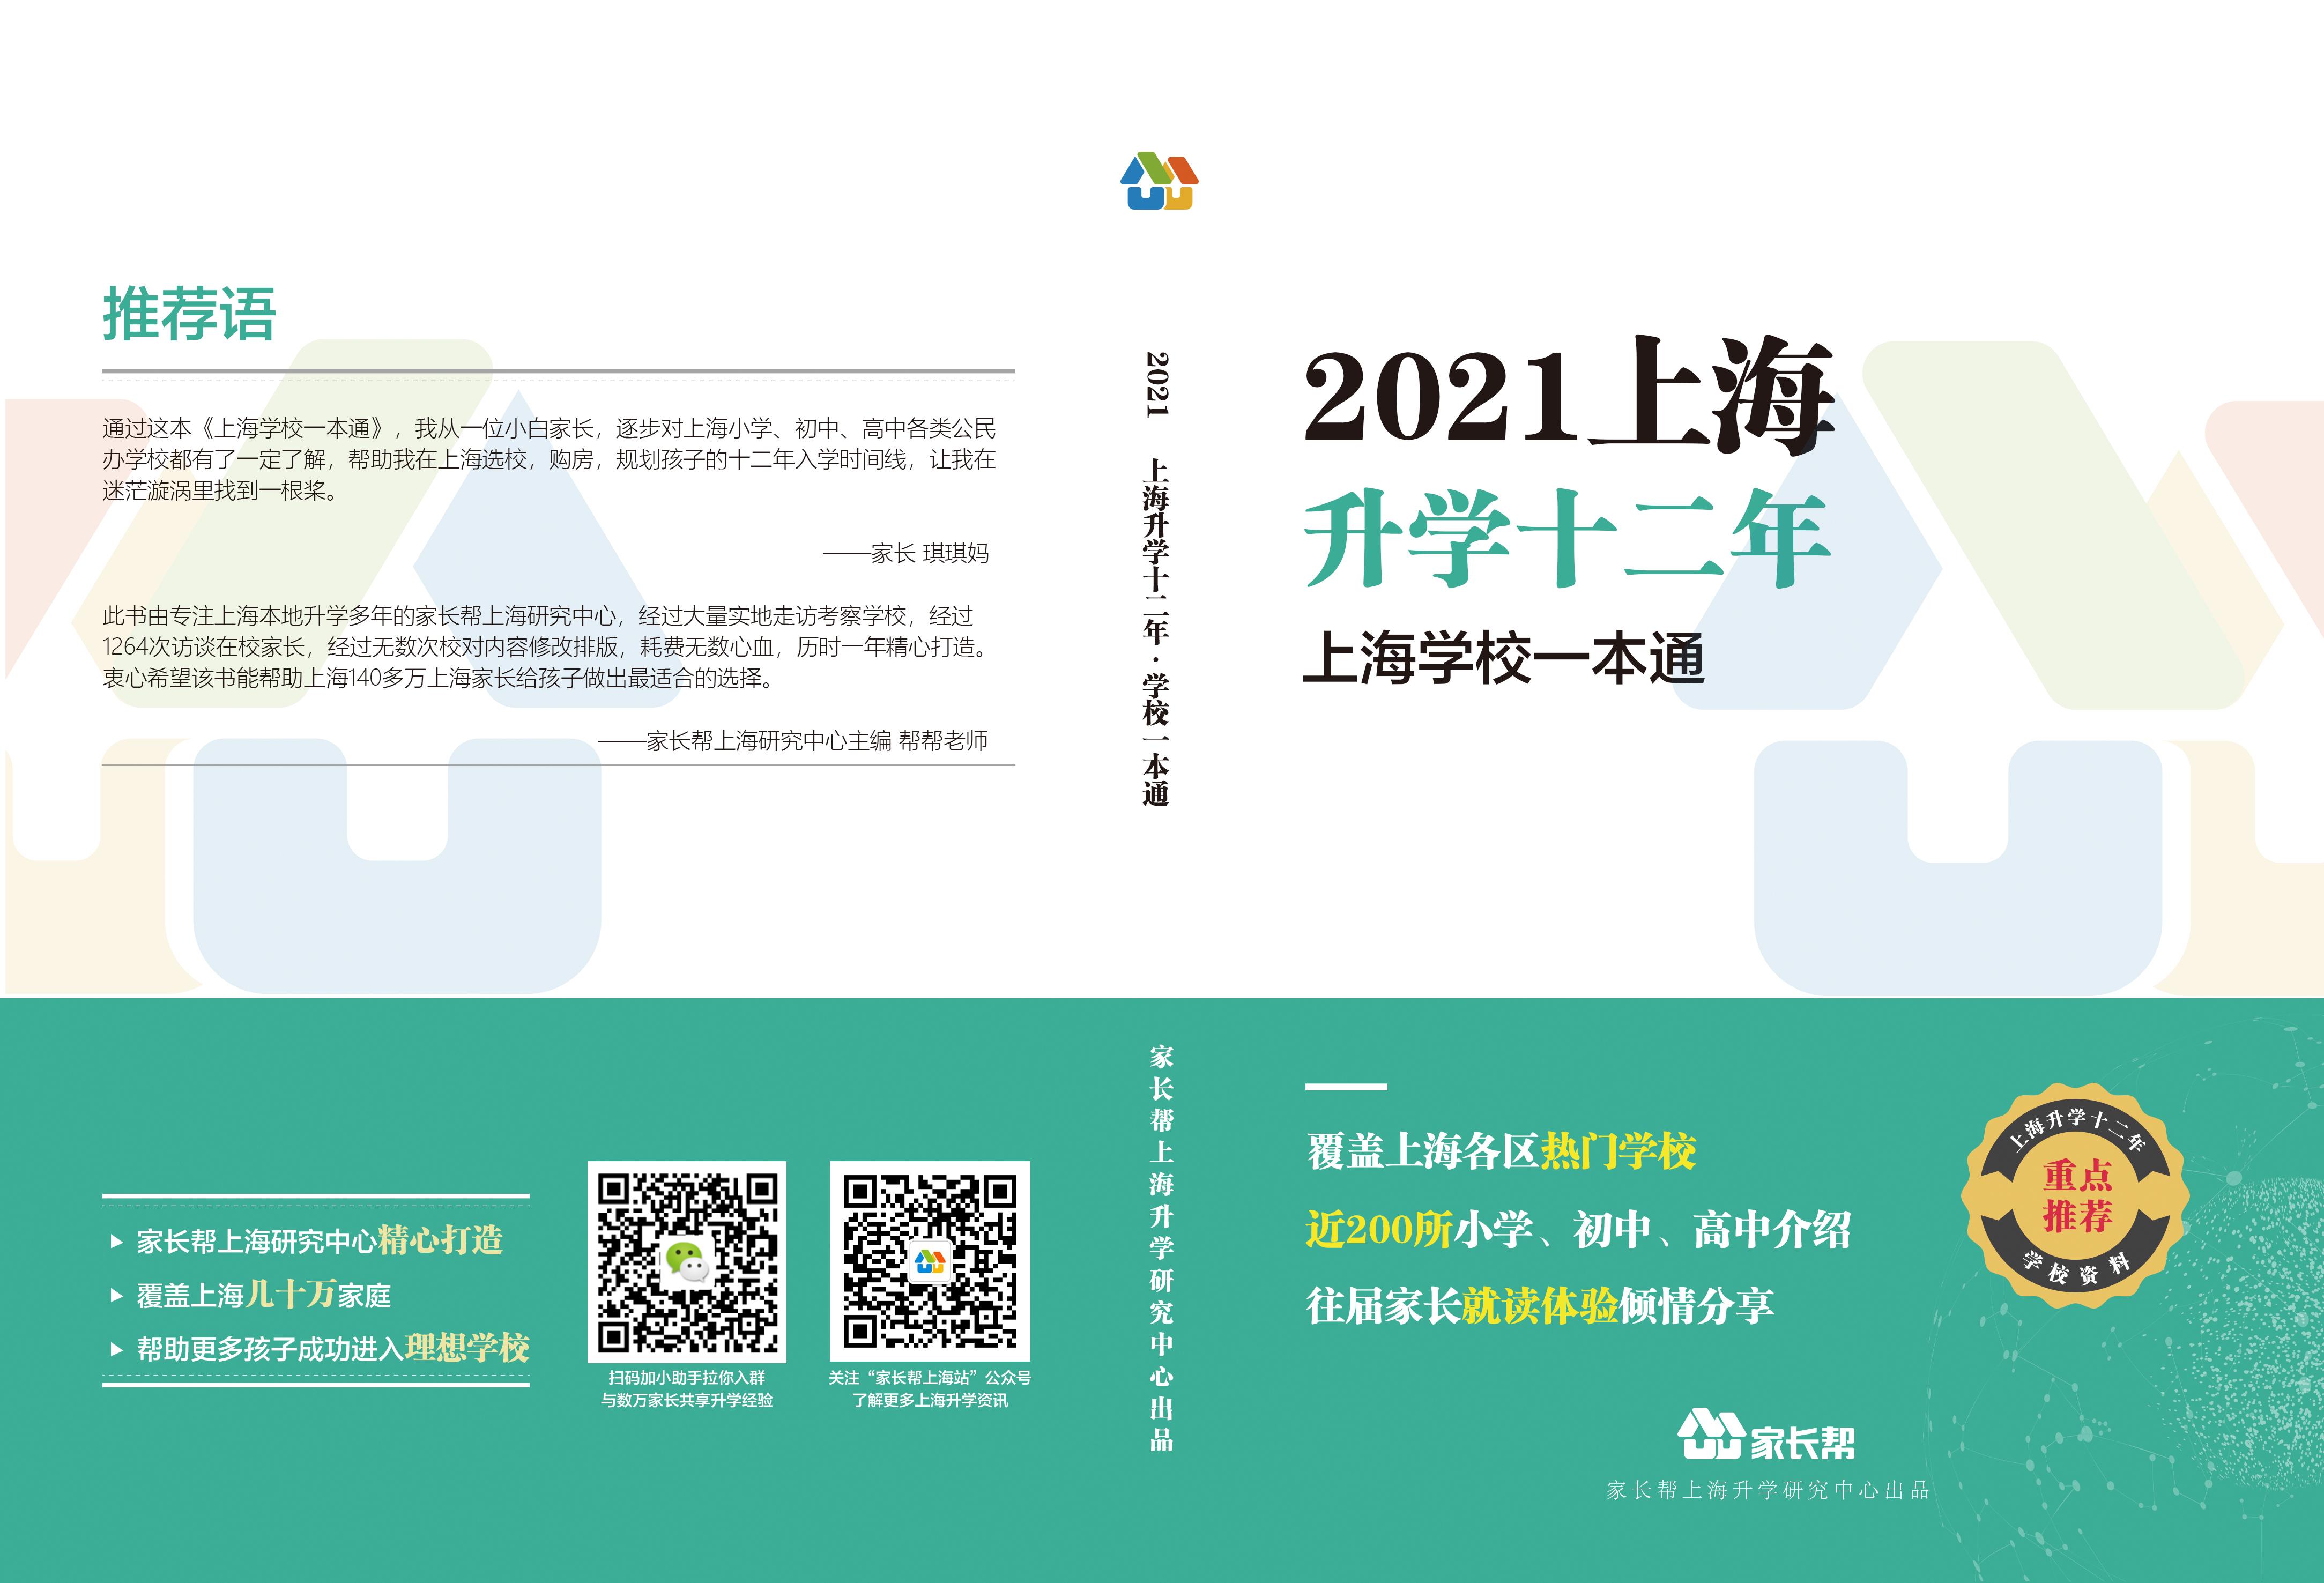 上海学校一本通-电子版(RGB模式).jpg